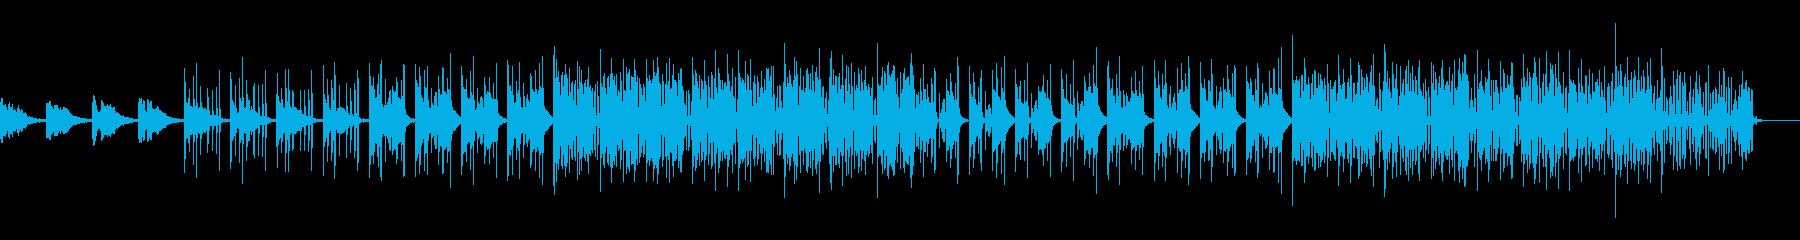 かわいい、ゆるい、コミカル-01の再生済みの波形